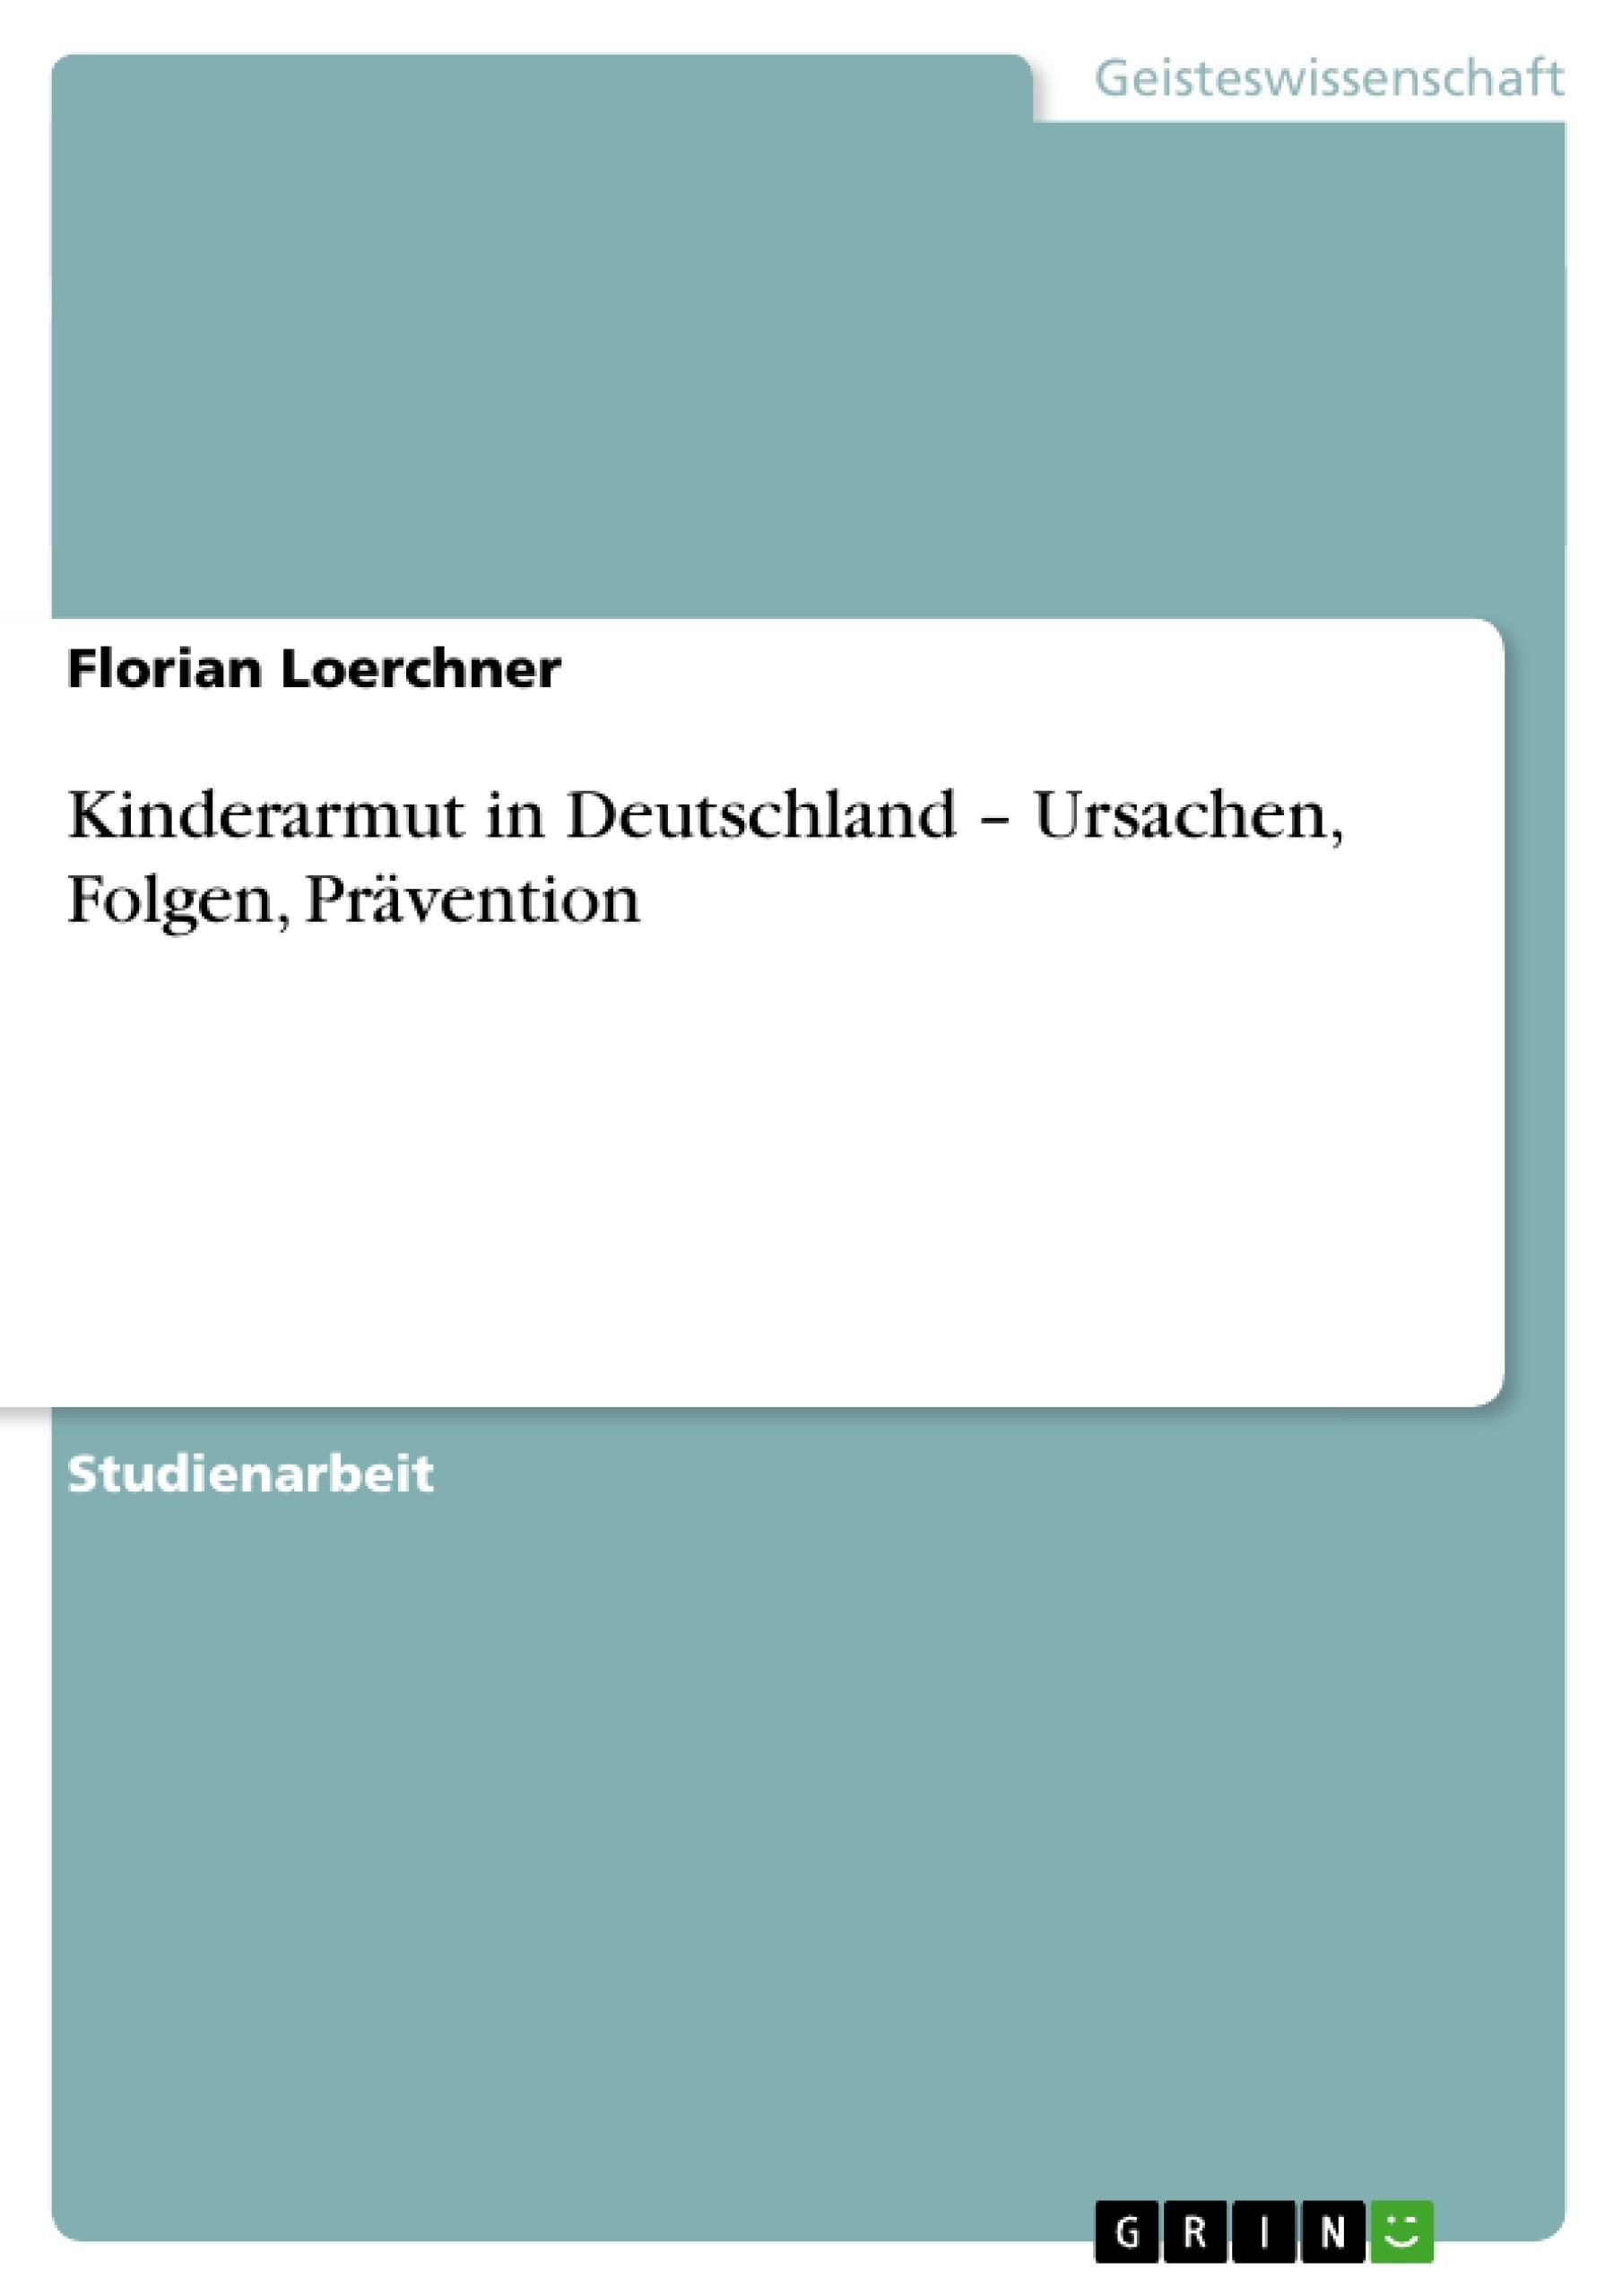 Titel: Kinderarmut in Deutschland – Ursachen, Folgen, Prävention